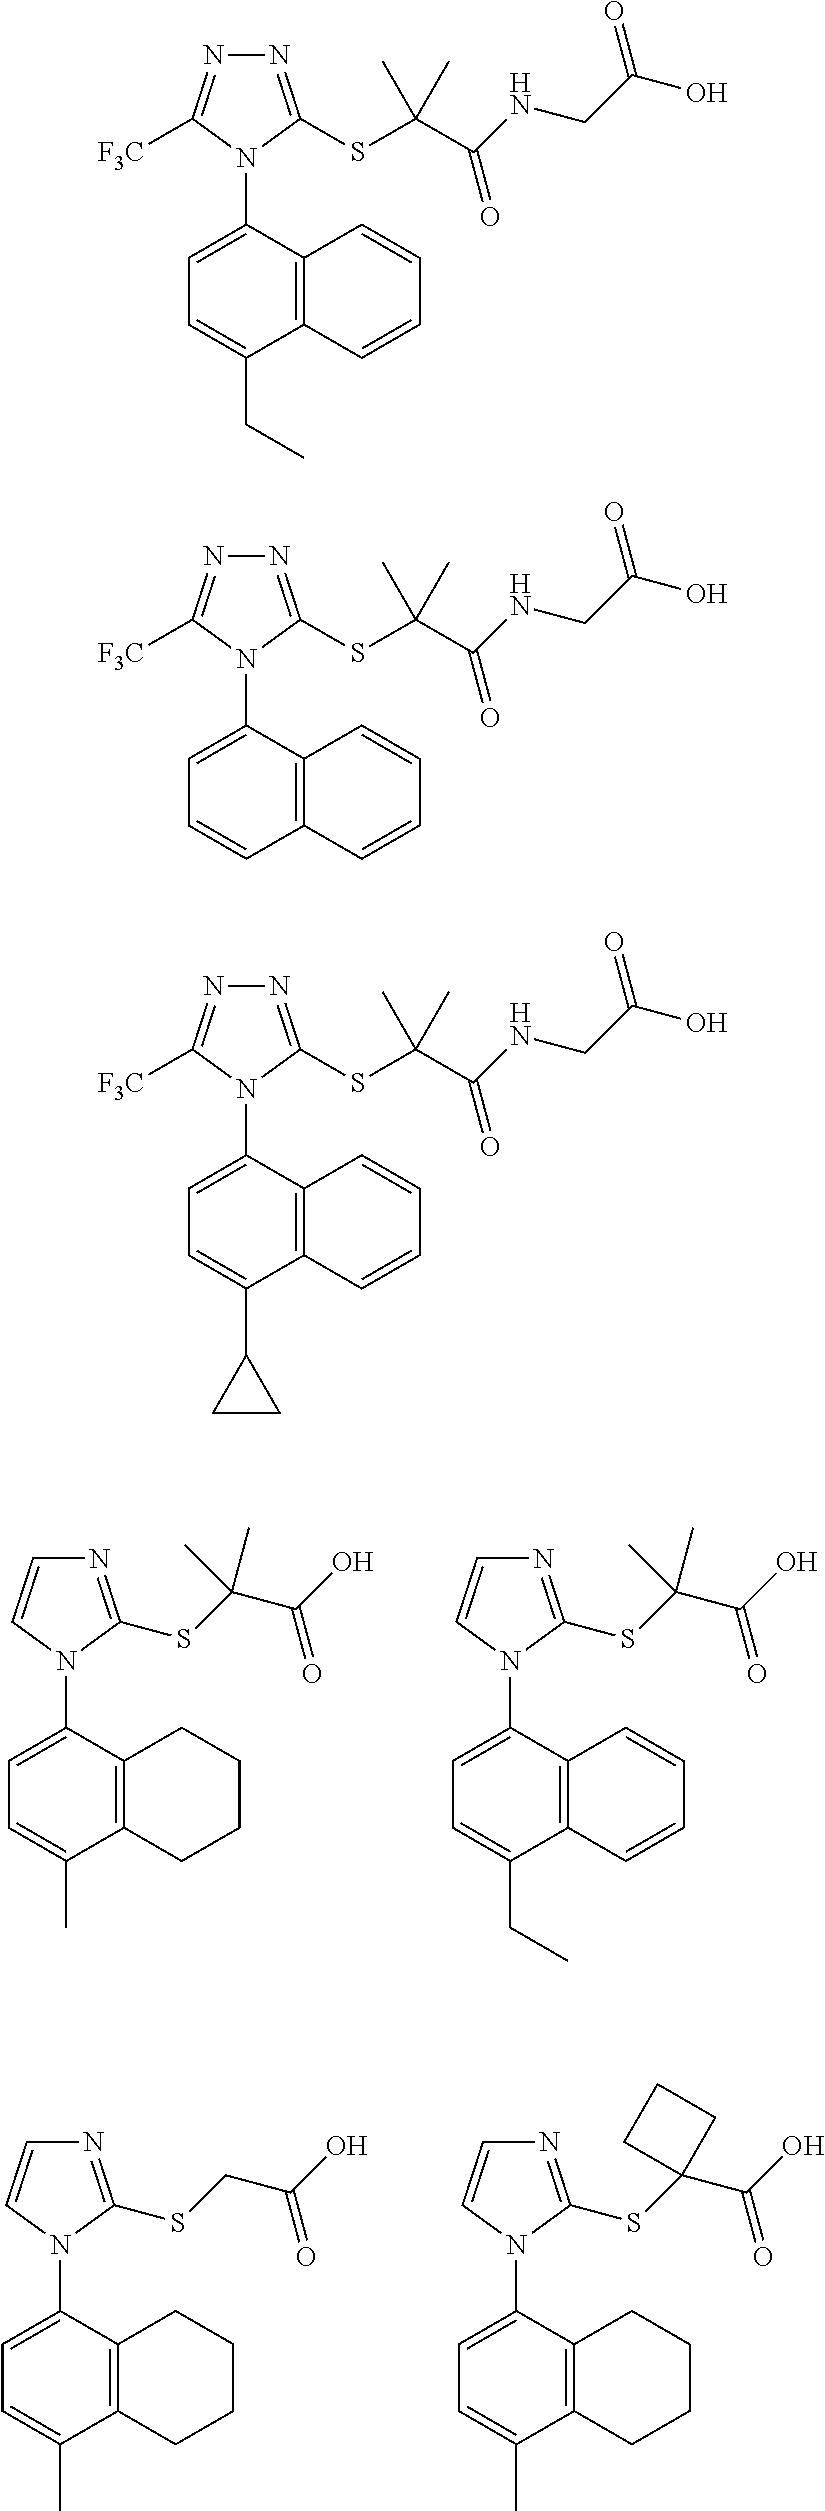 Figure US08283369-20121009-C00047